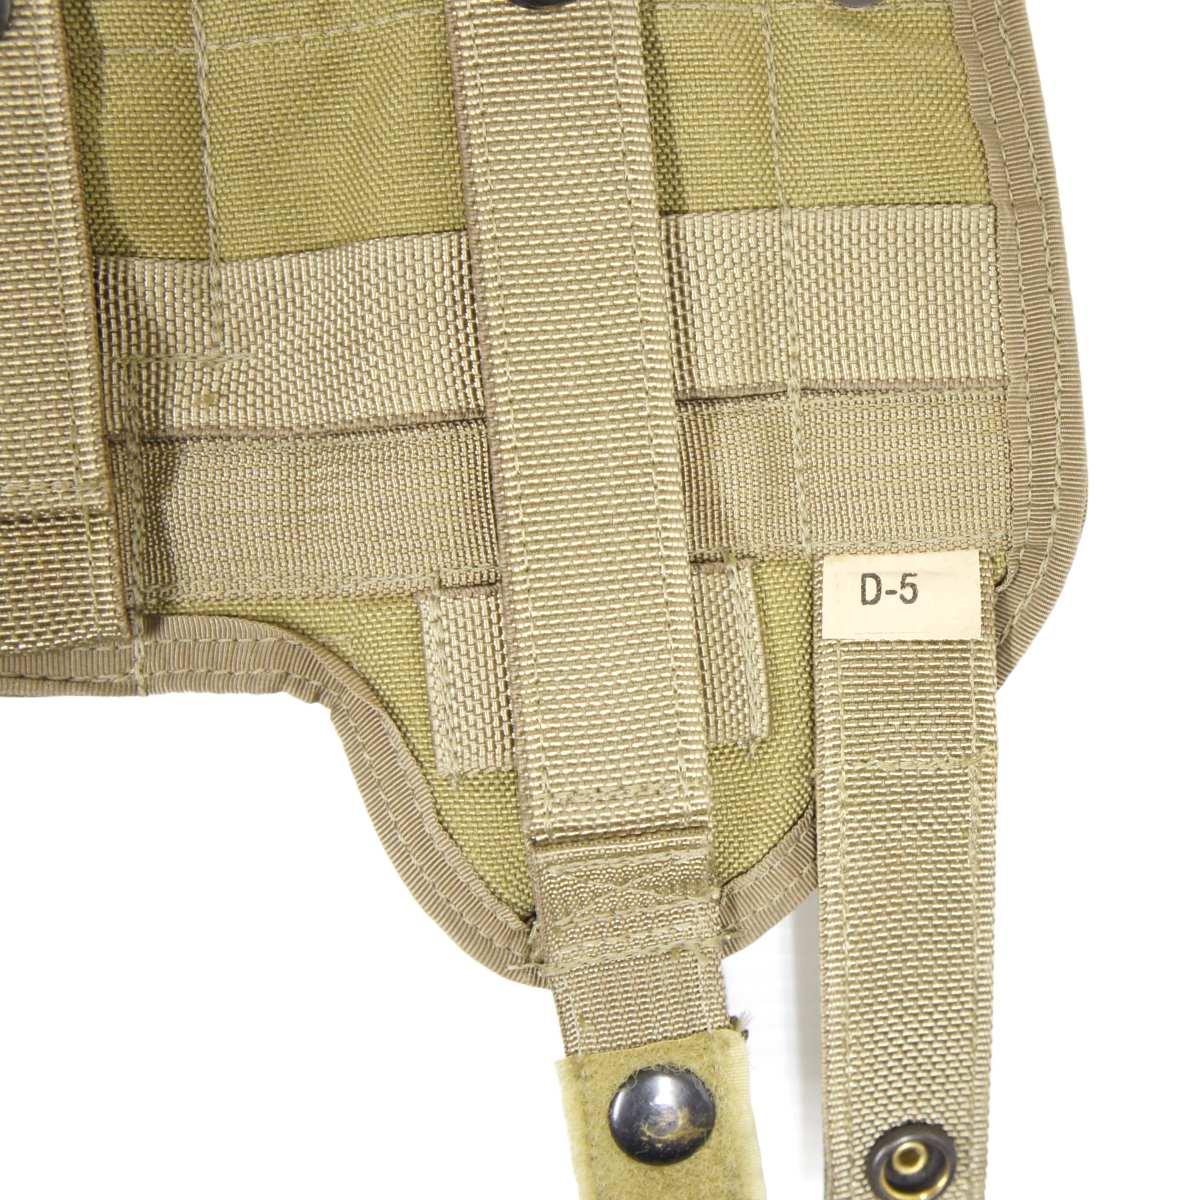 20070253-5 EAGLE ハイライドホルスター *カーキ/SIG P-226用/右利き/ベージュタグ